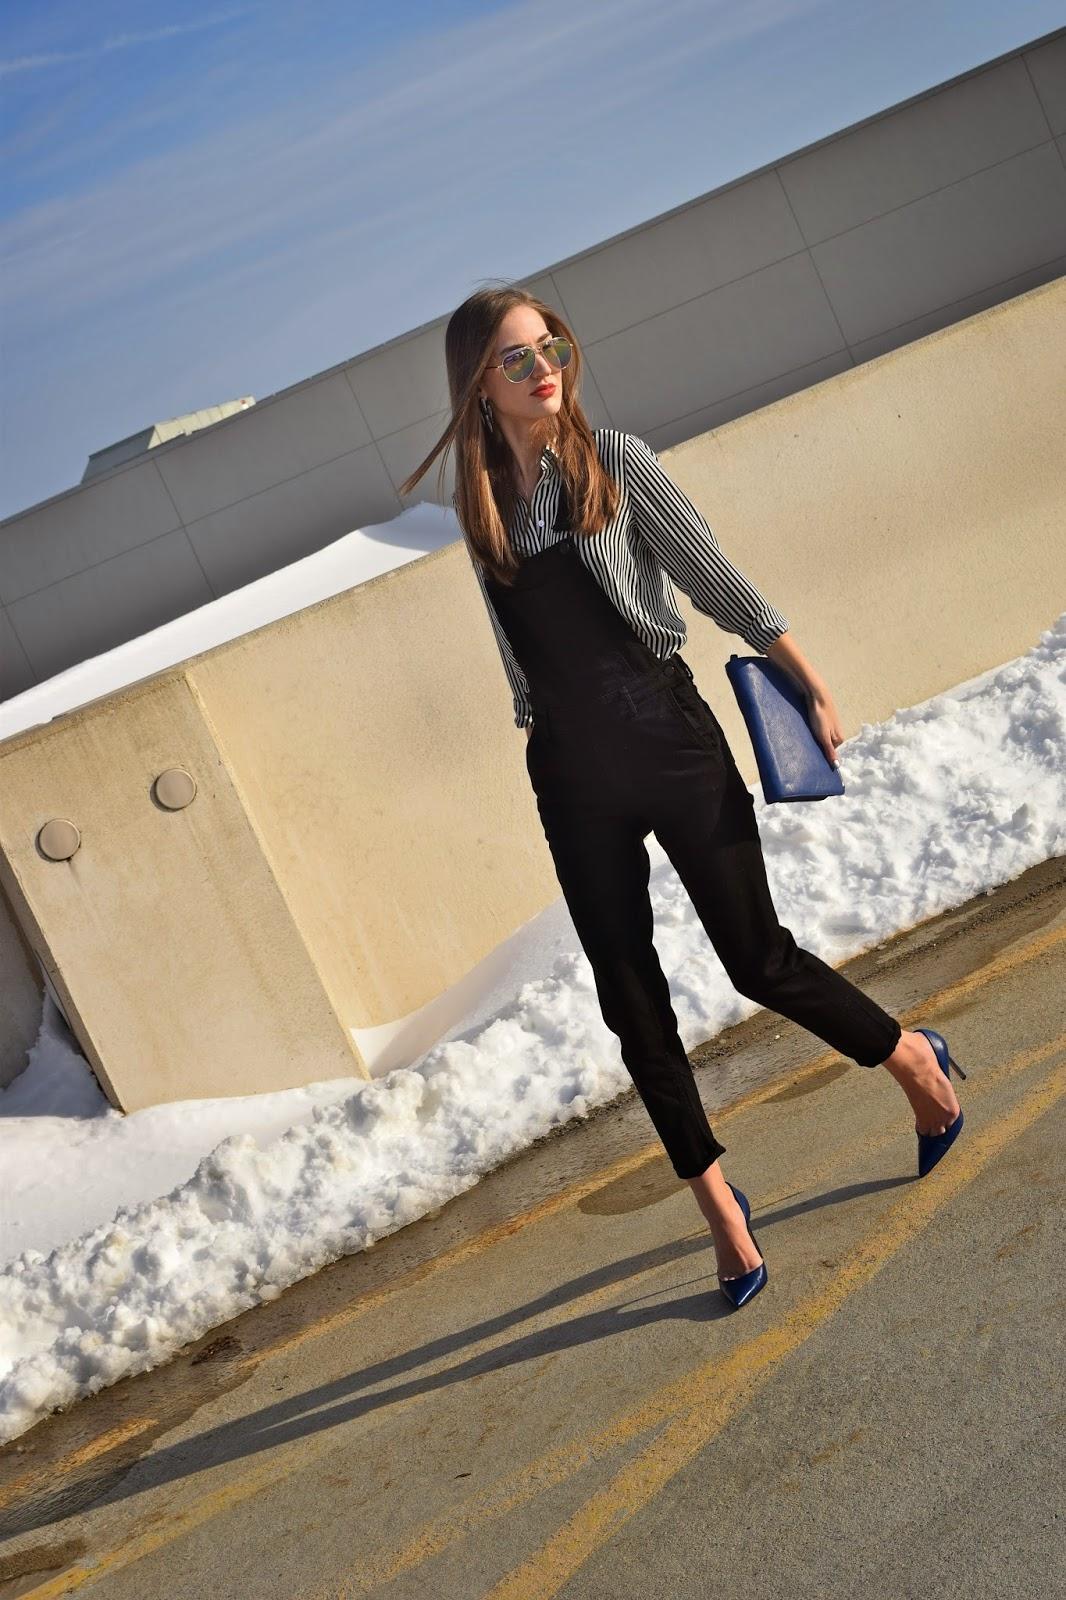 H&M Black Jean Overalls, Manolo Blahnik Tayler Heels